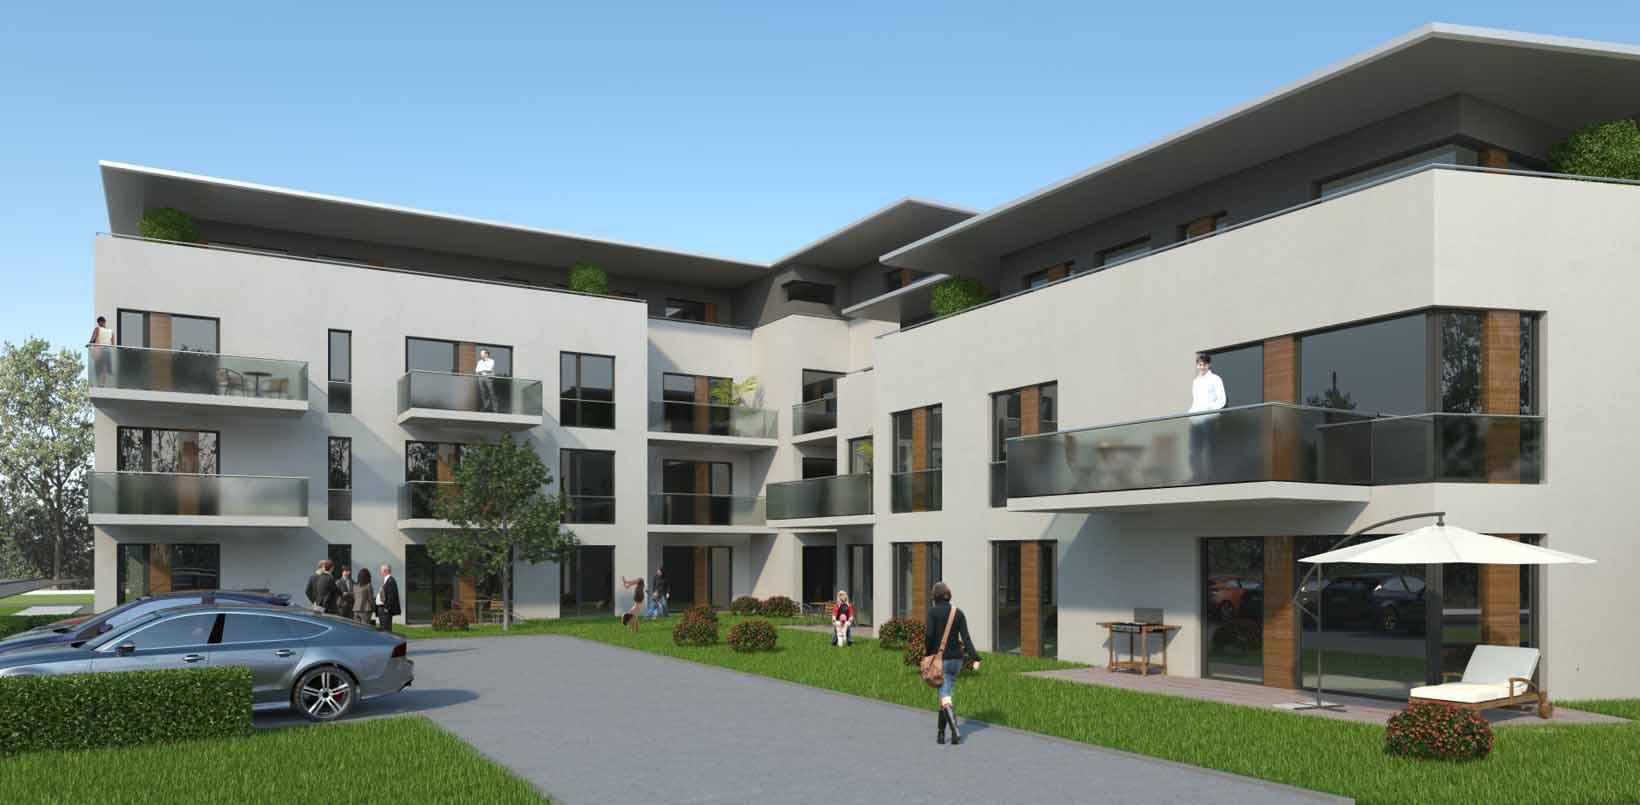 architekt frankfurt gallery of messe frankfurt tor nord. Black Bedroom Furniture Sets. Home Design Ideas